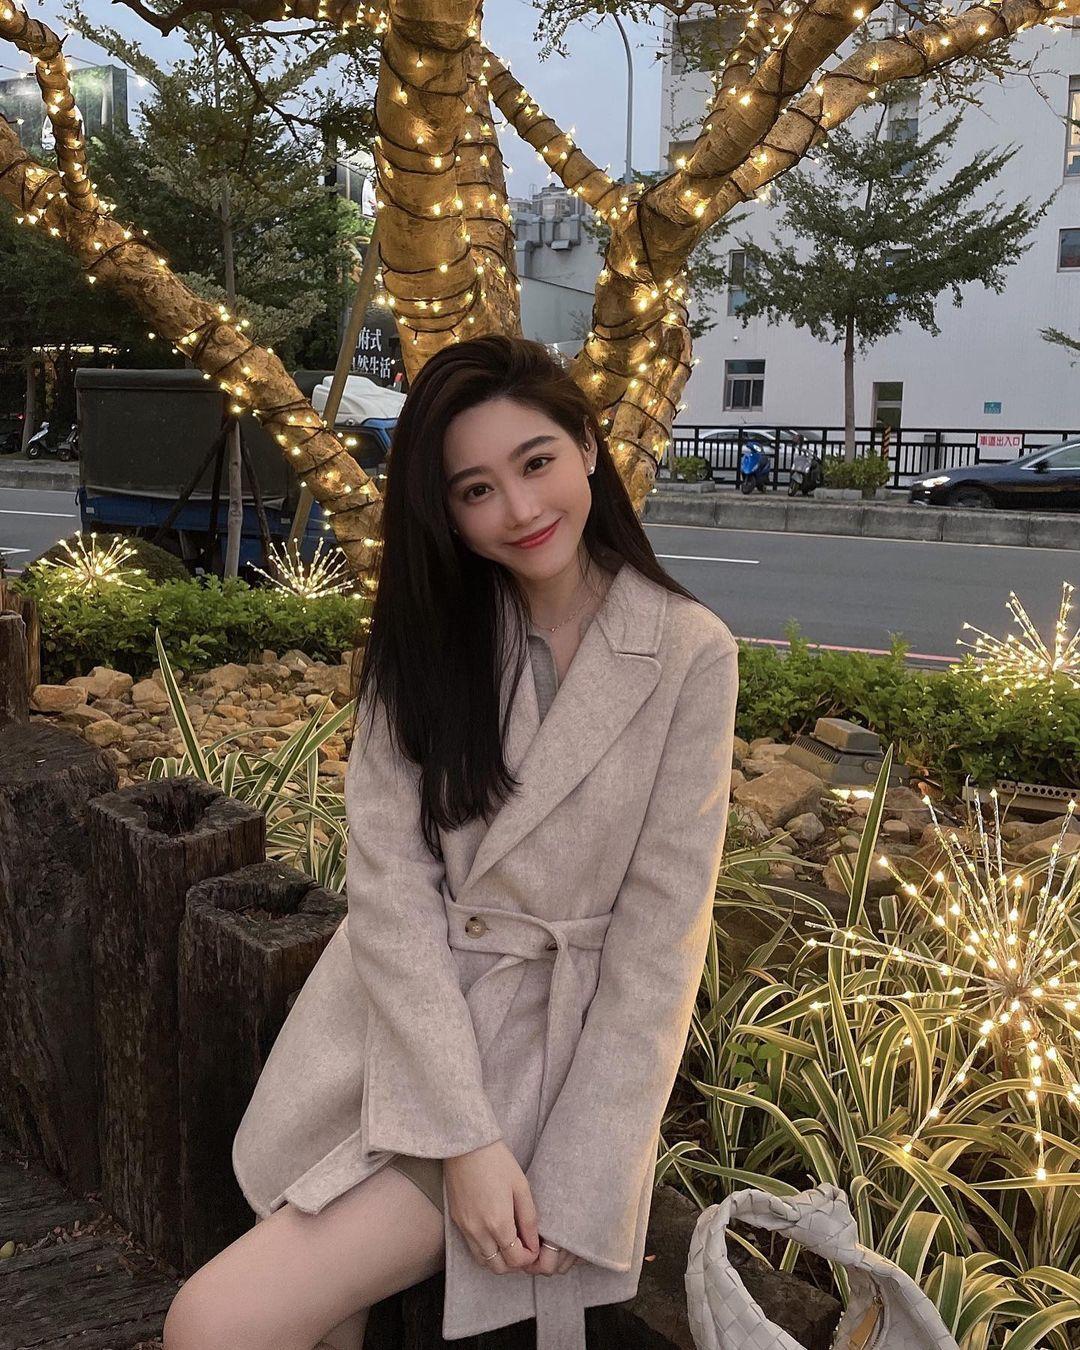 yuyu 天然系小清新女孩 女友感滿點 - 美女圖 -